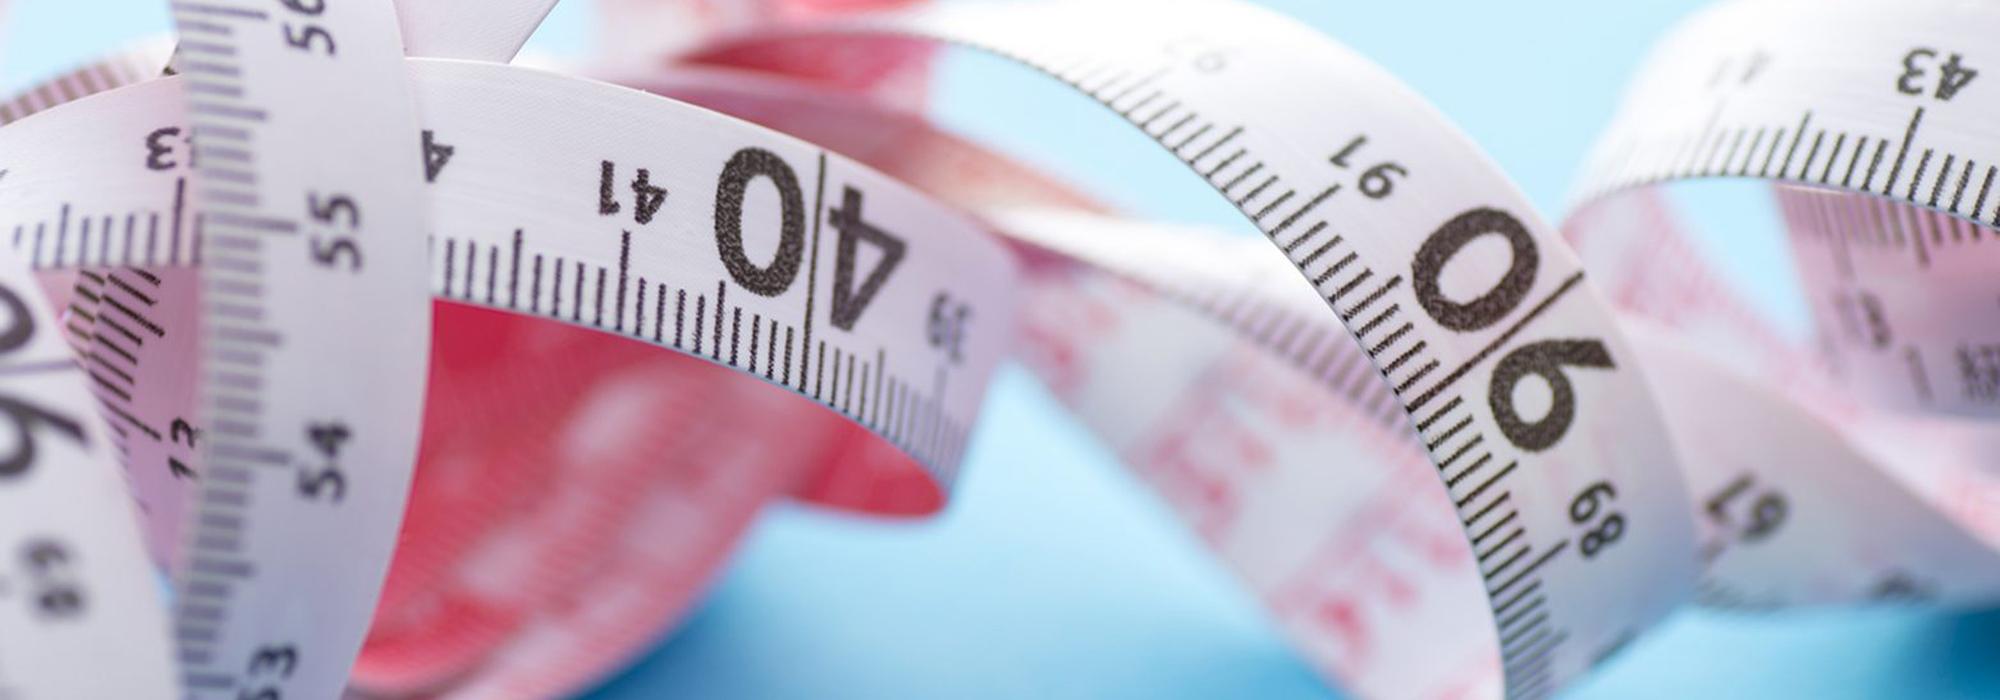 アイアンハートの公式オンラインストアに掲載されたサイズ表の採寸箇所はこちらをご参照ください。